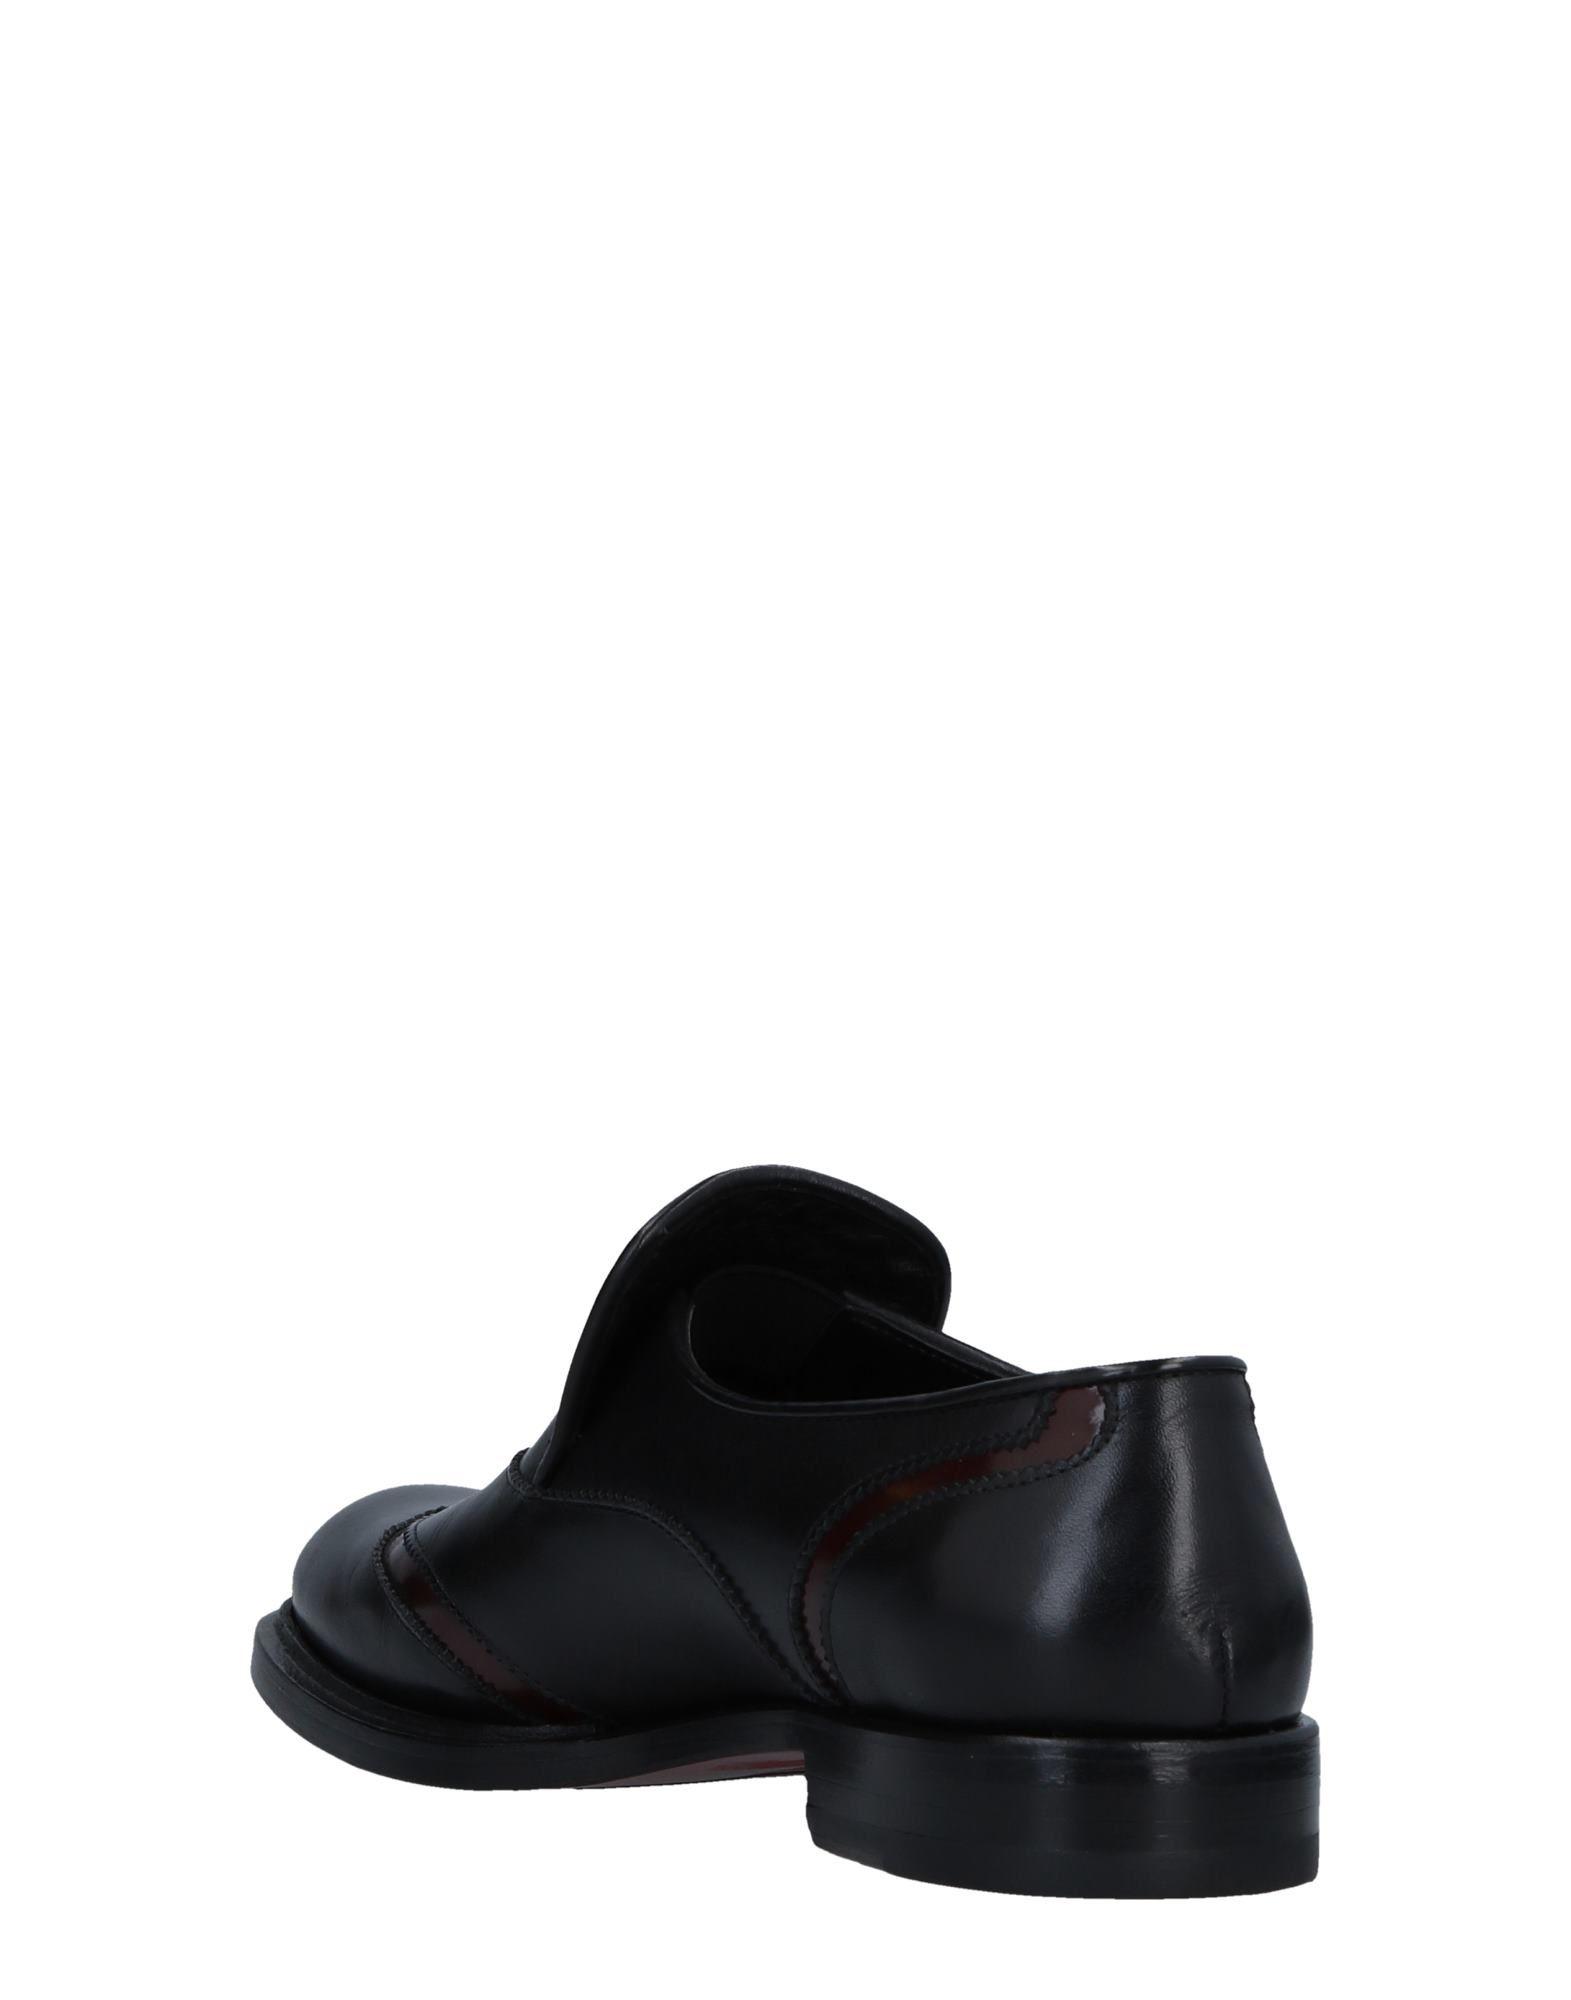 Fragiacomo Mokassins Damen    11519875WD Heiße Schuhe e49fd1